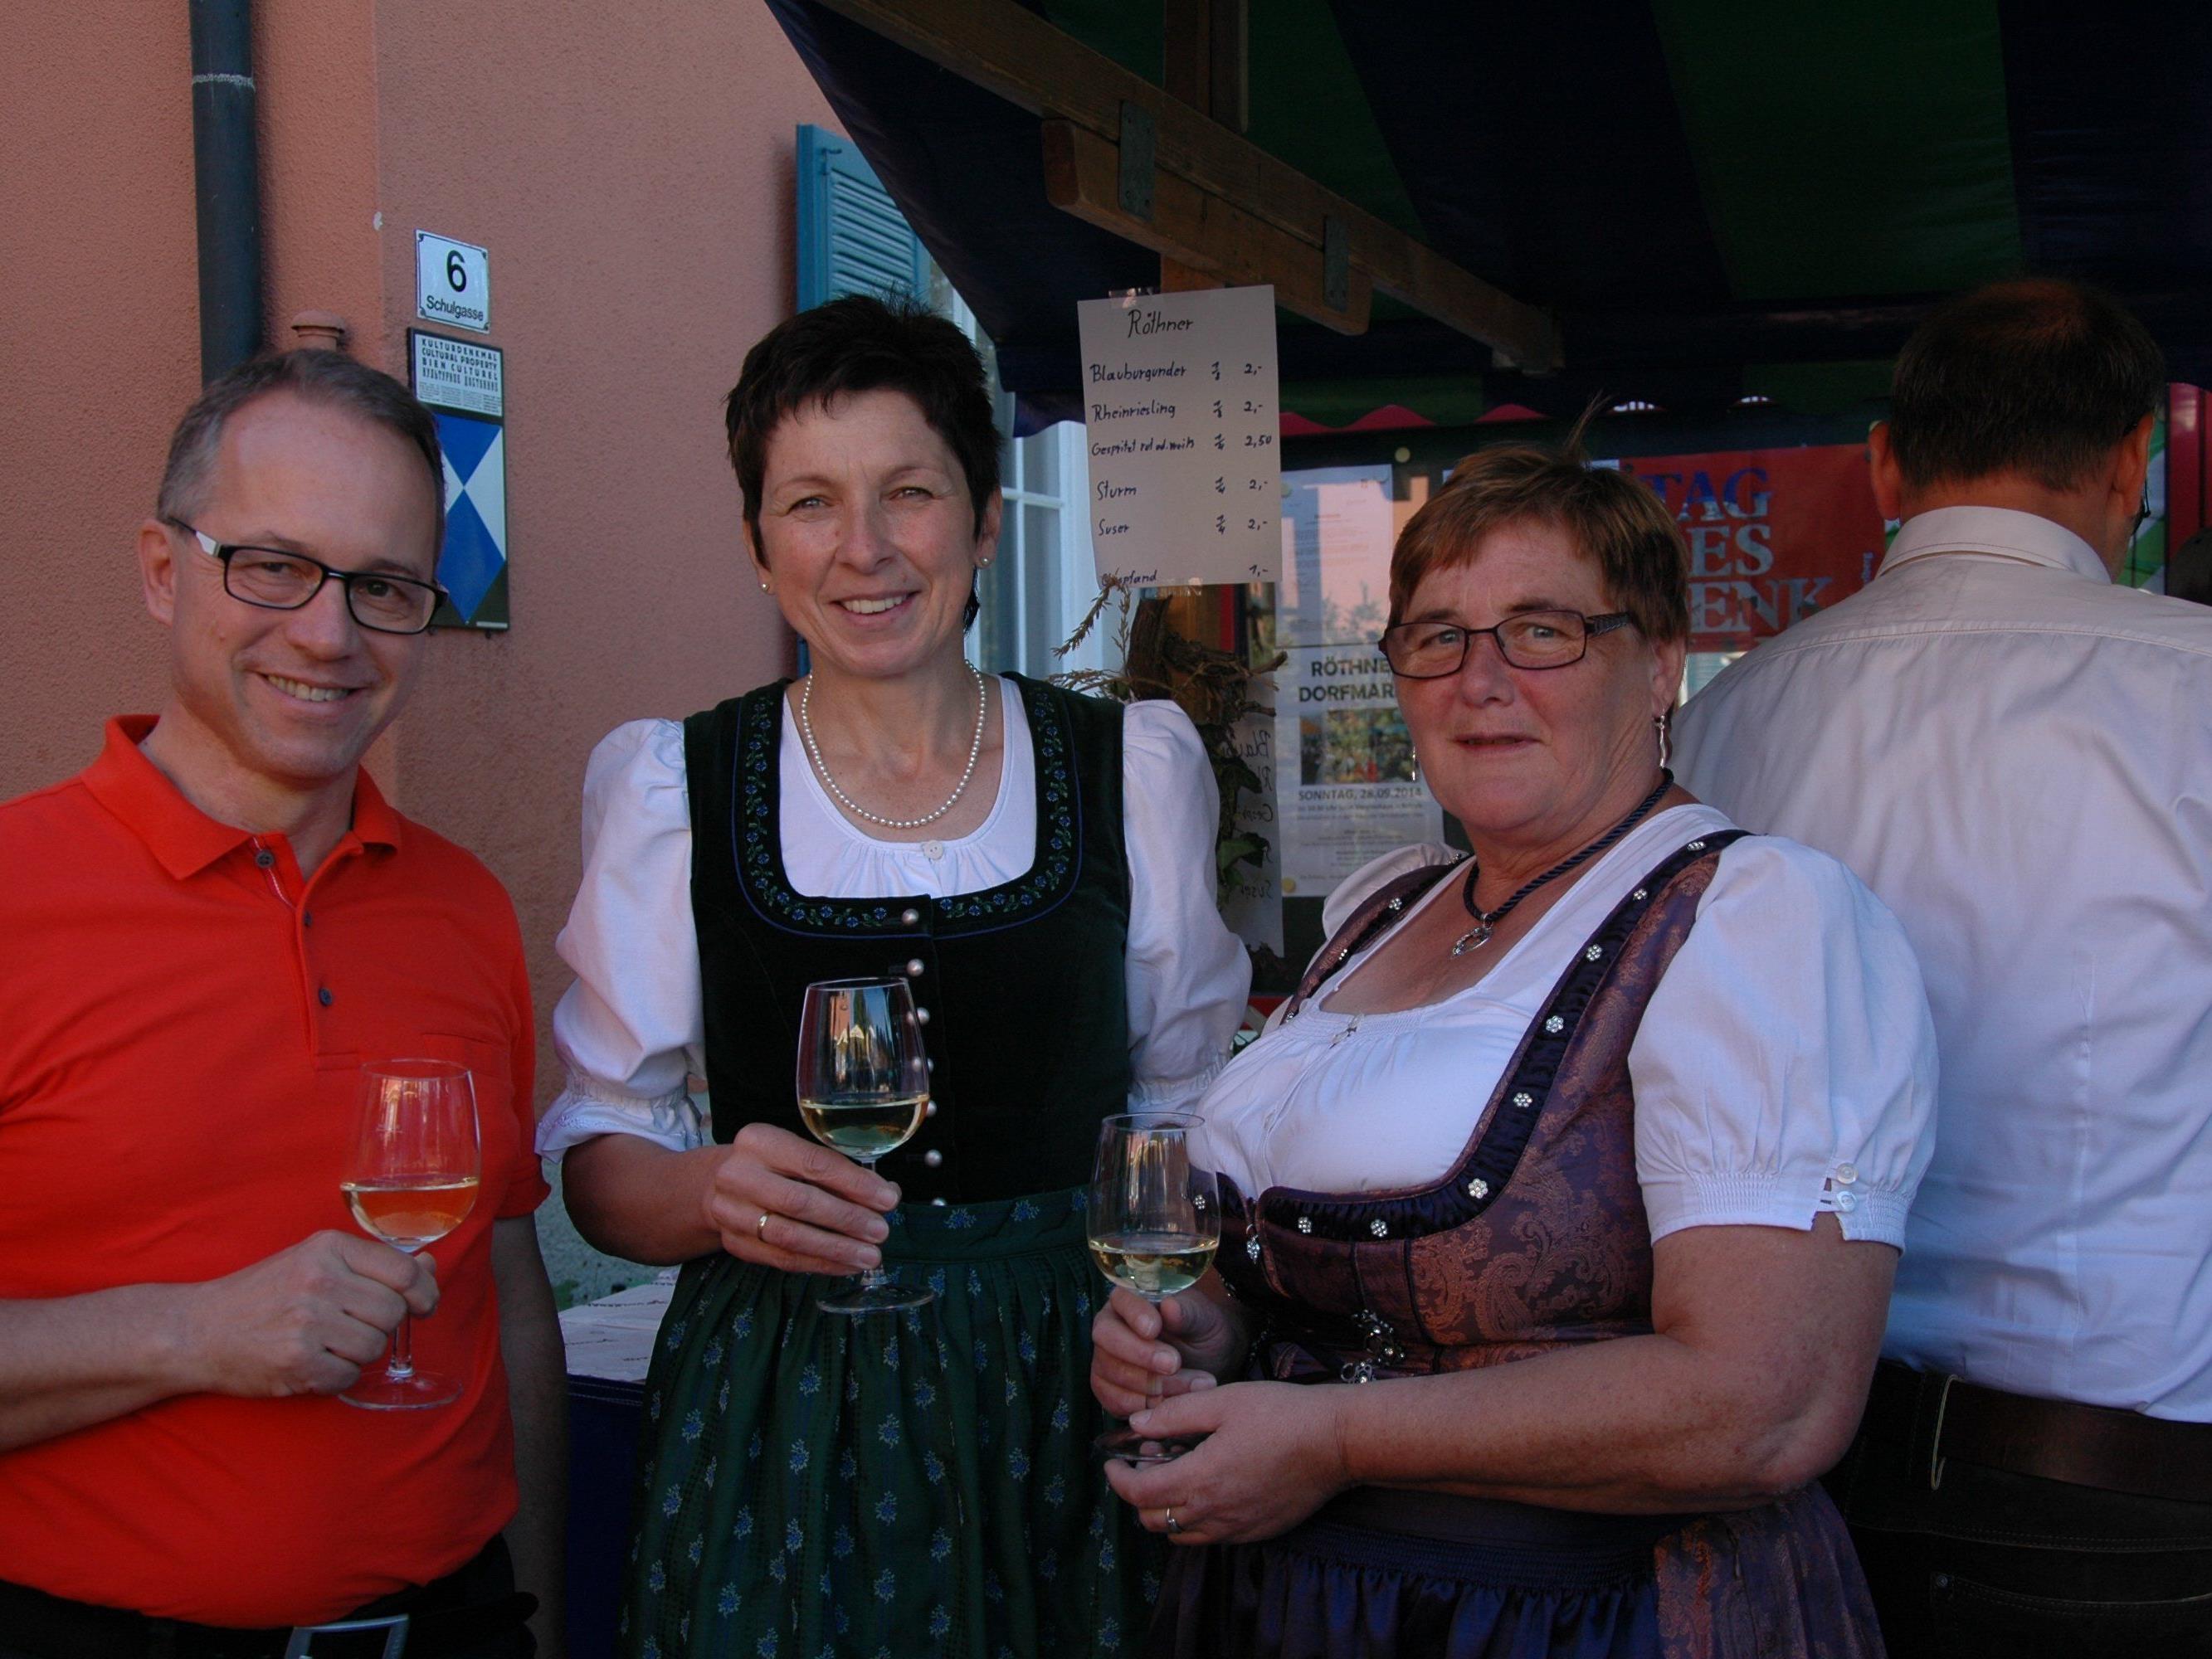 Bürgermeister Roman Kopf, bundesbäuerin Andrea Schwarzmann und Irene Biedermann stießen auf einen erfolgreichen Röthner Markt an.